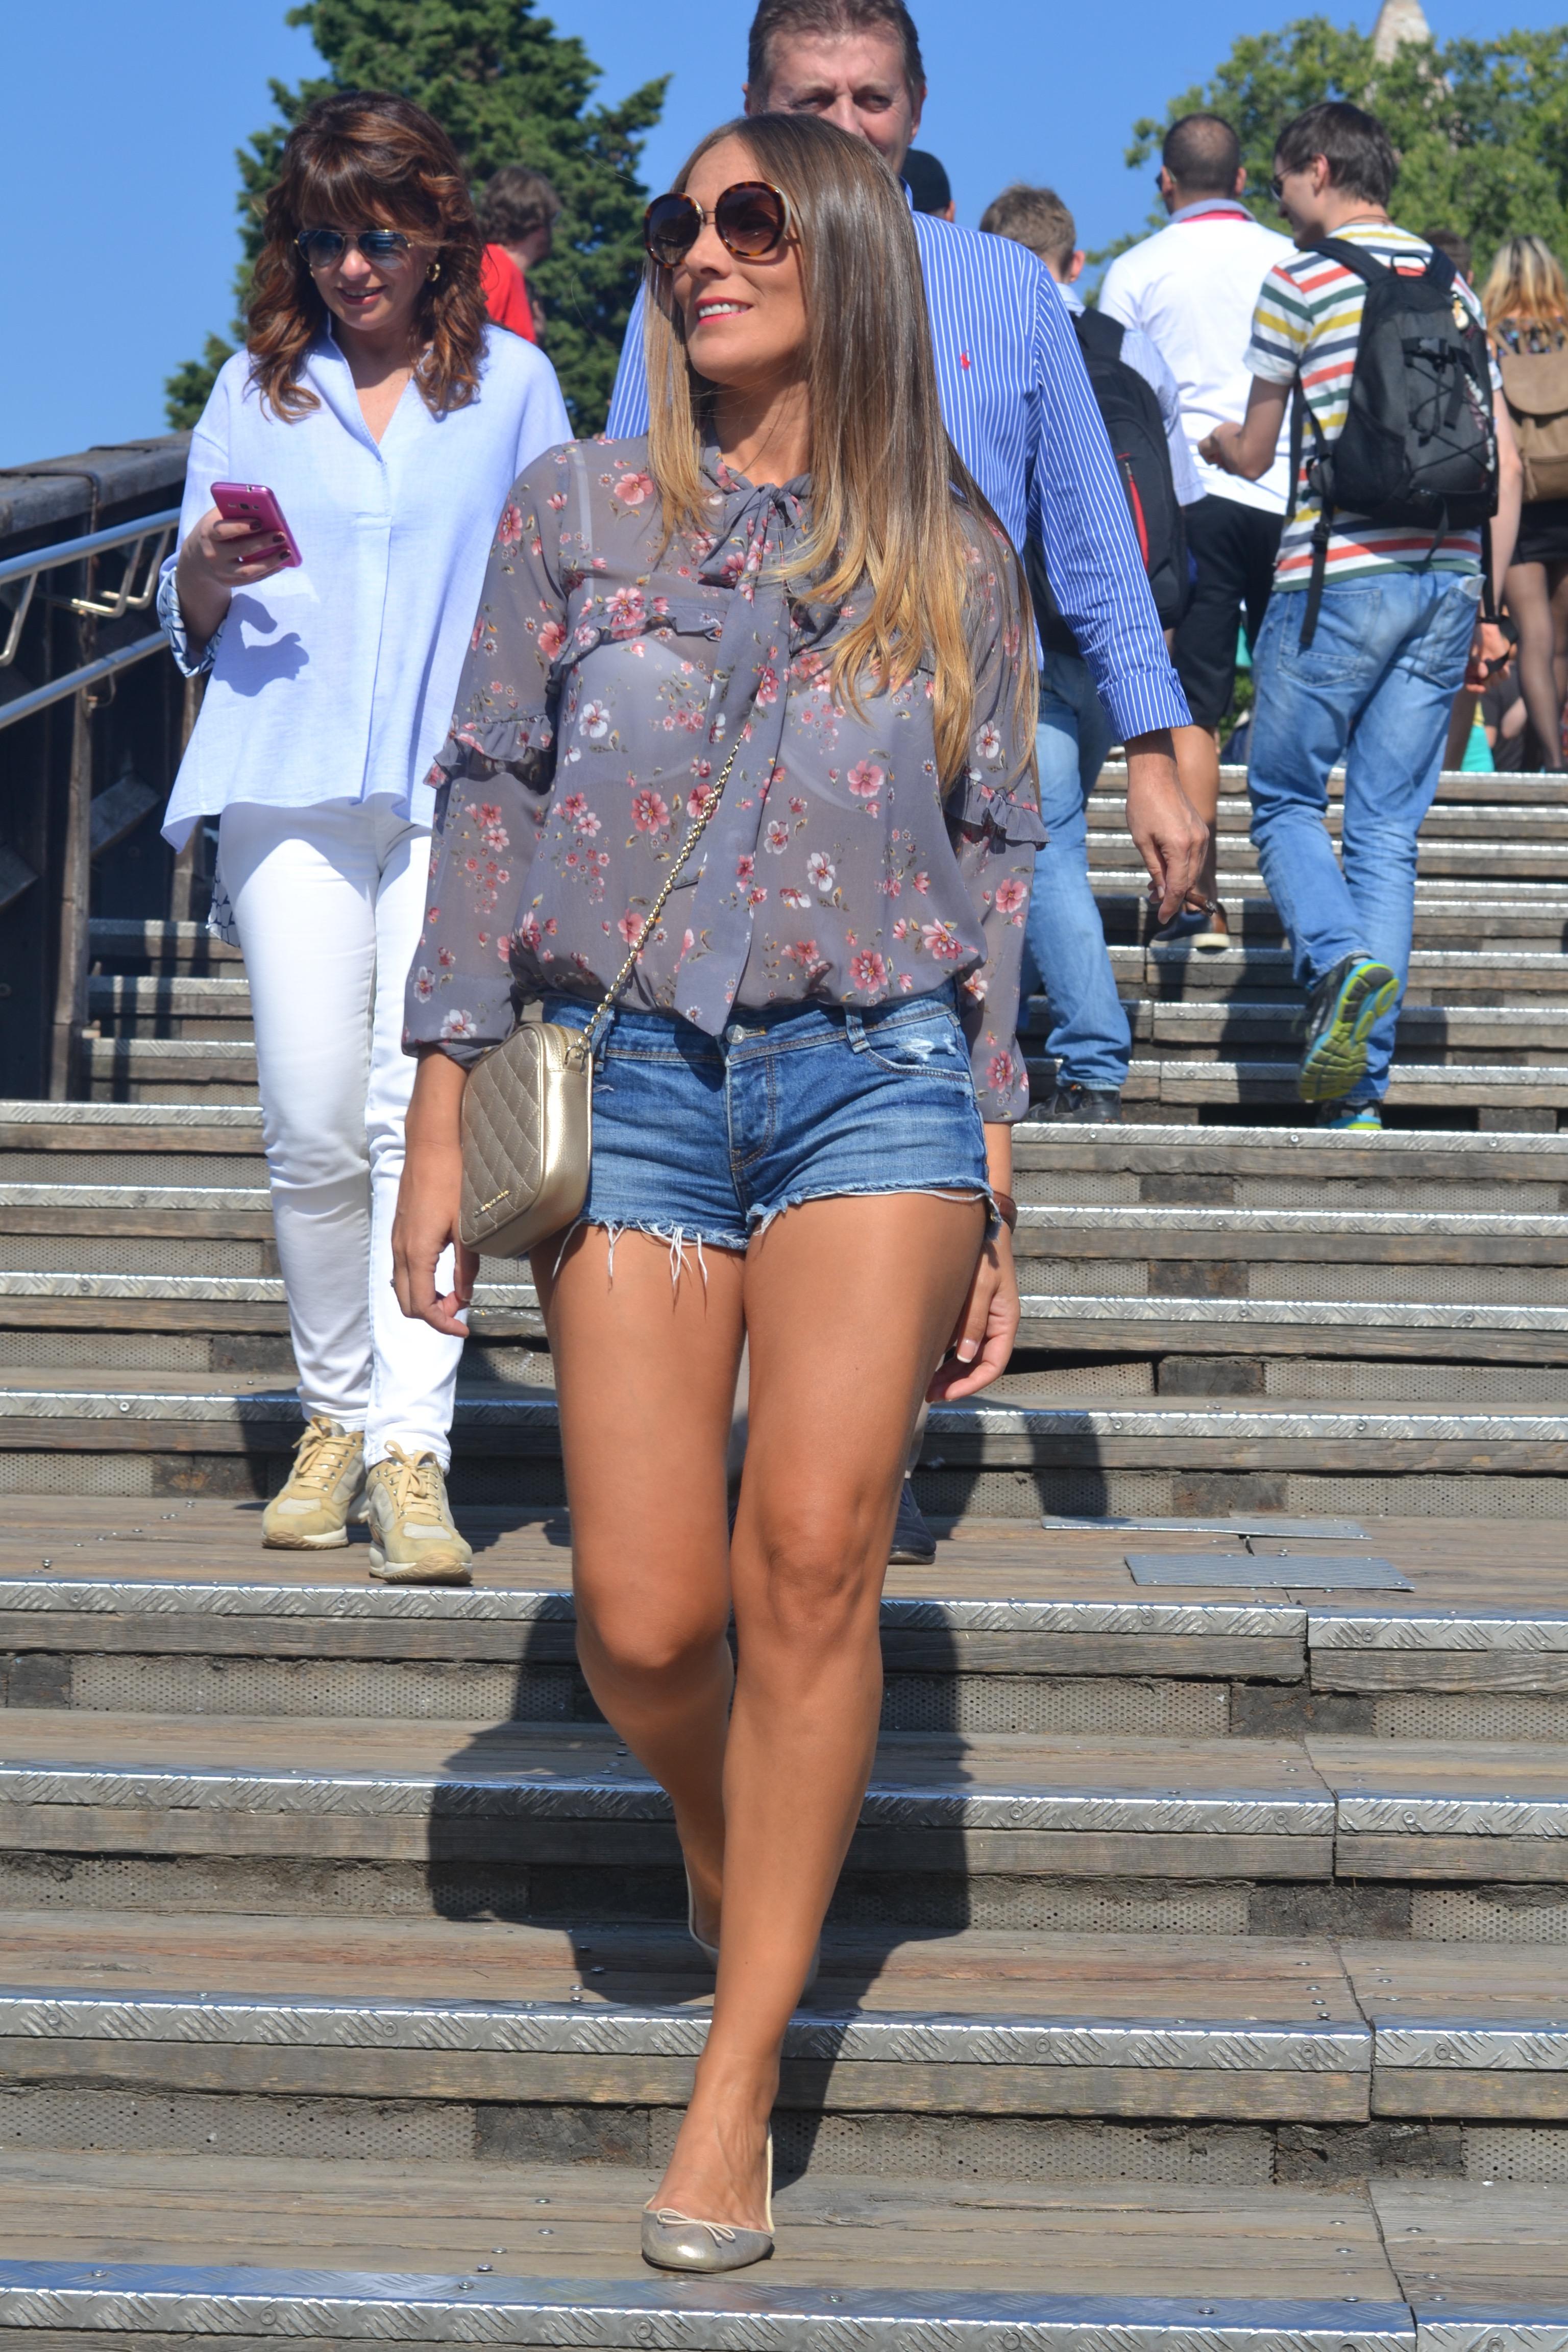 Guapayconestilo en el Puente Rialto, Venecia